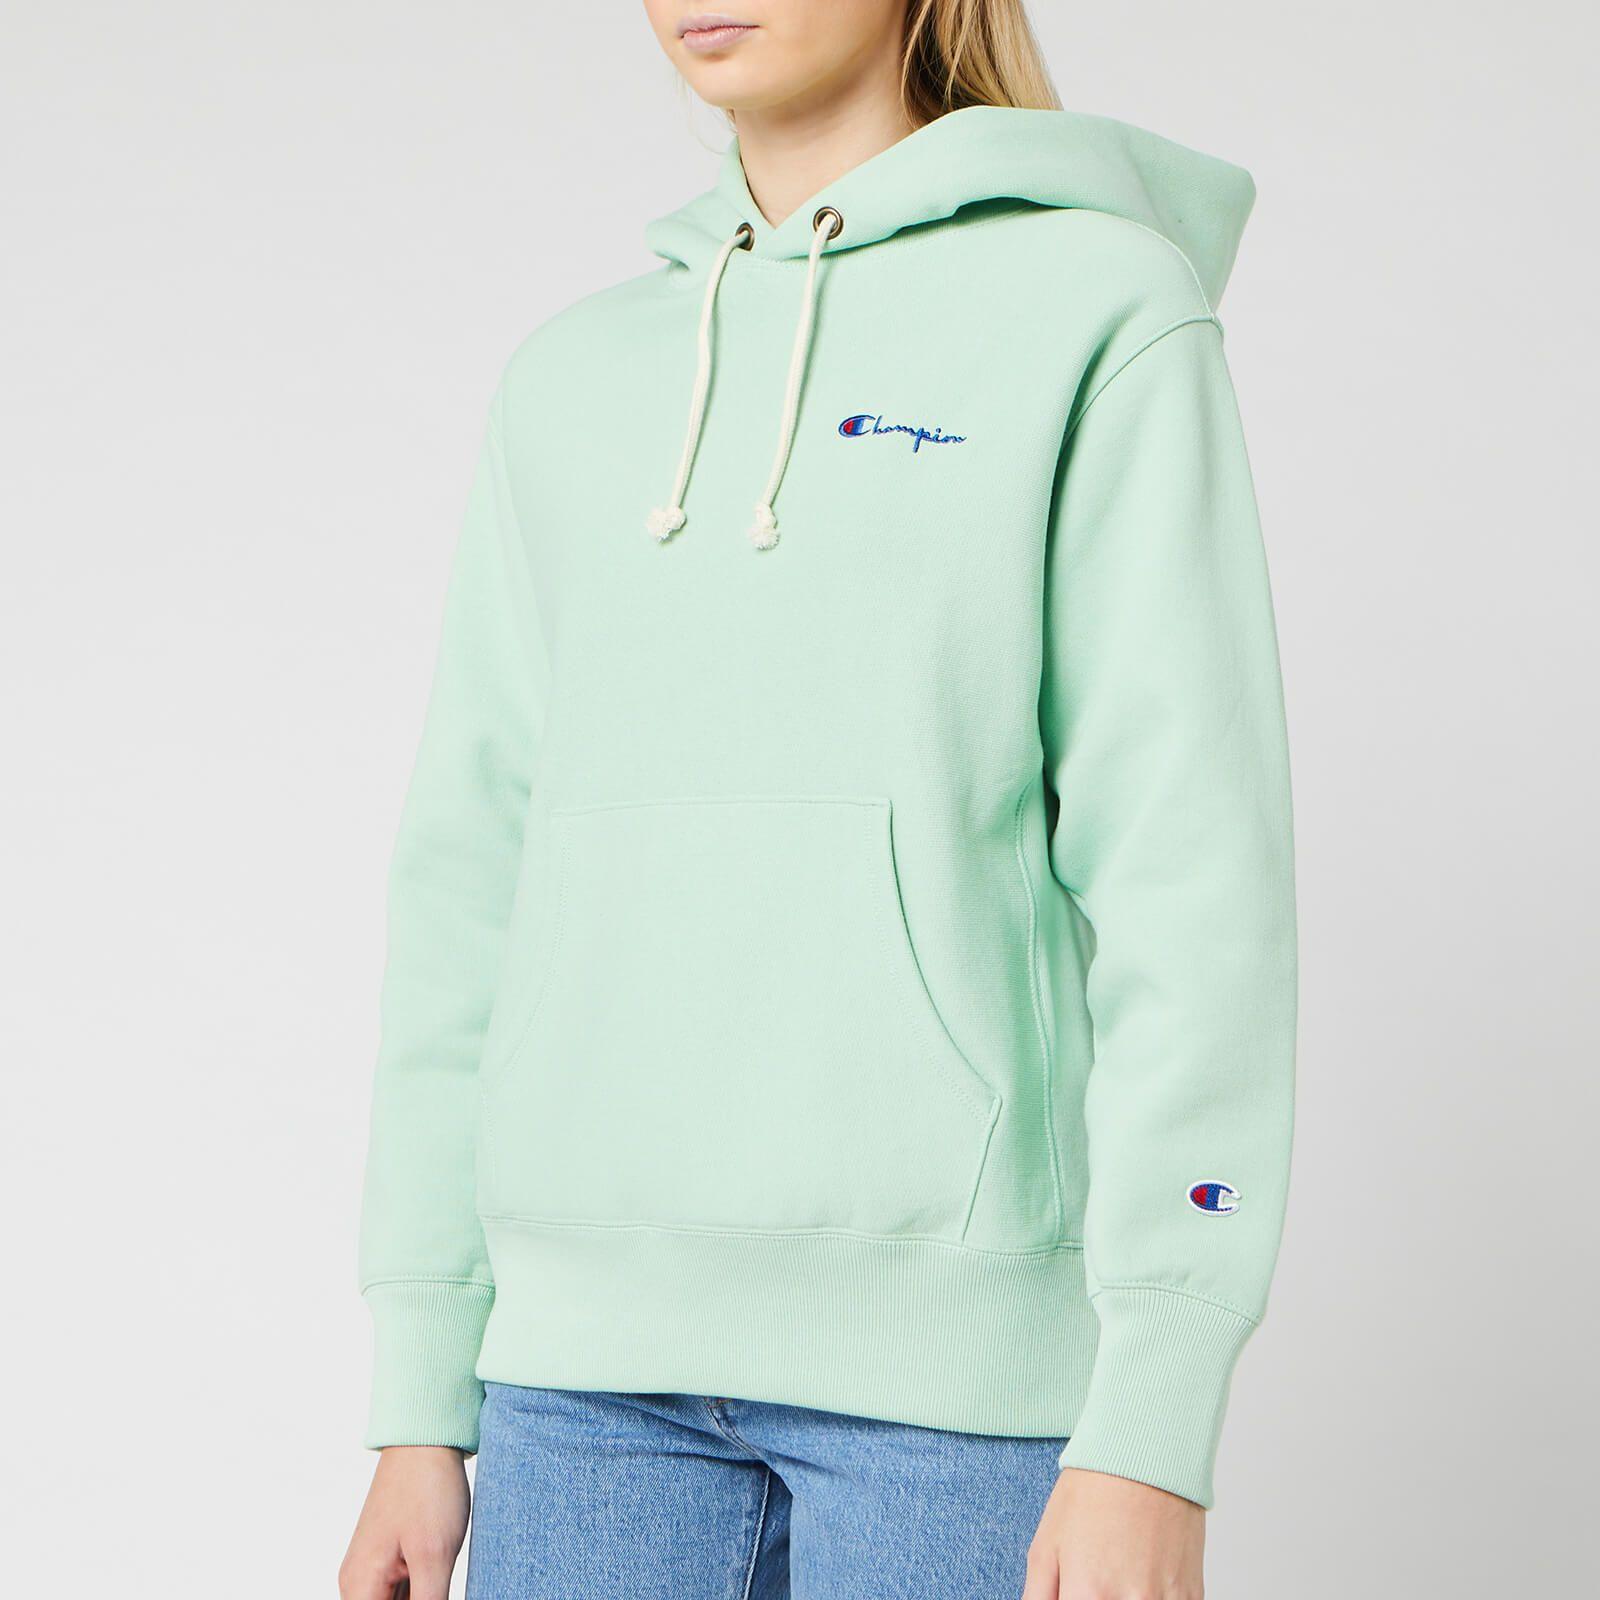 Champion Women S Small Script Hooded Sweatshirt Mint Green Affiliate Ad Small Script Champion Hooded Sweatshirts Green Champion Hoodie Fashion Buy [ 1600 x 1600 Pixel ]